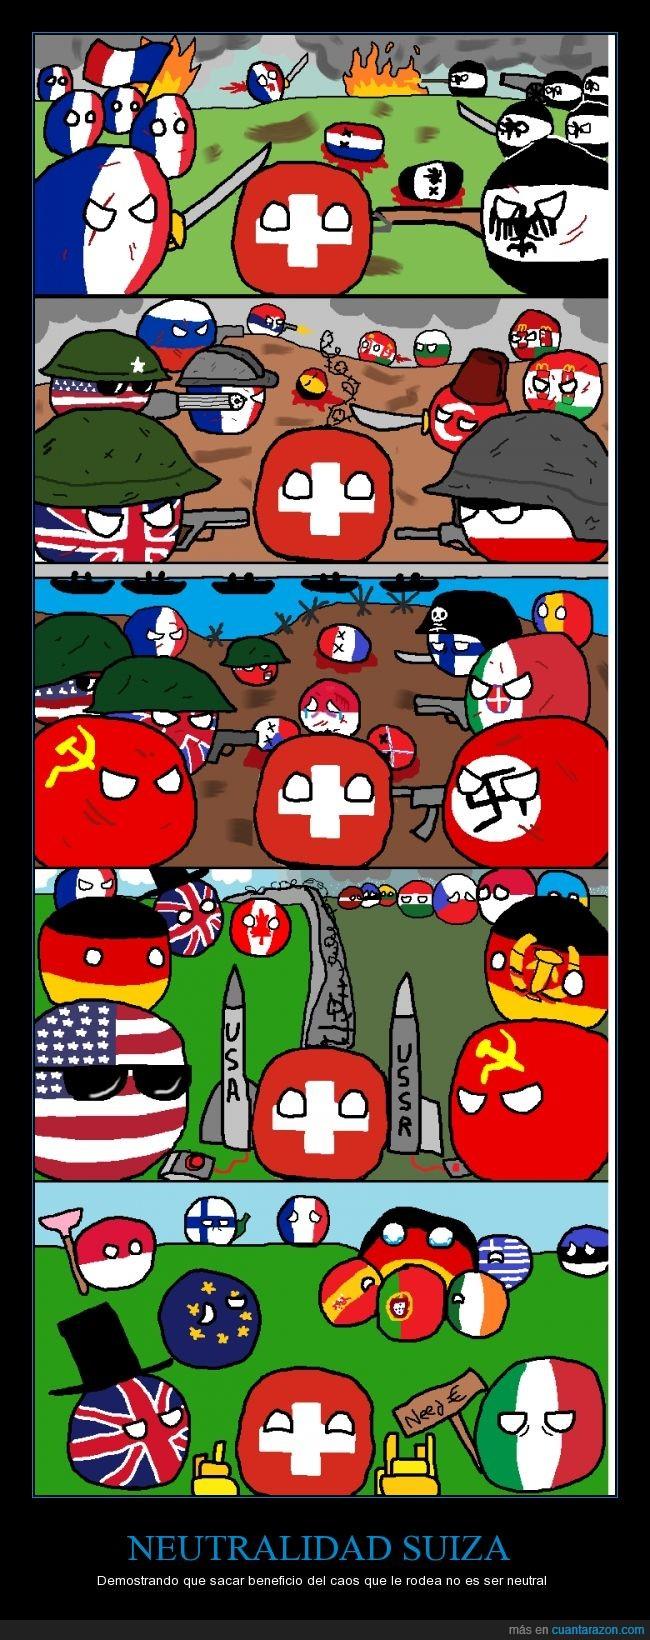 caos,countryball,crisis,dinero,guerra,oro,paisesm neutralidad,Polandball,UE